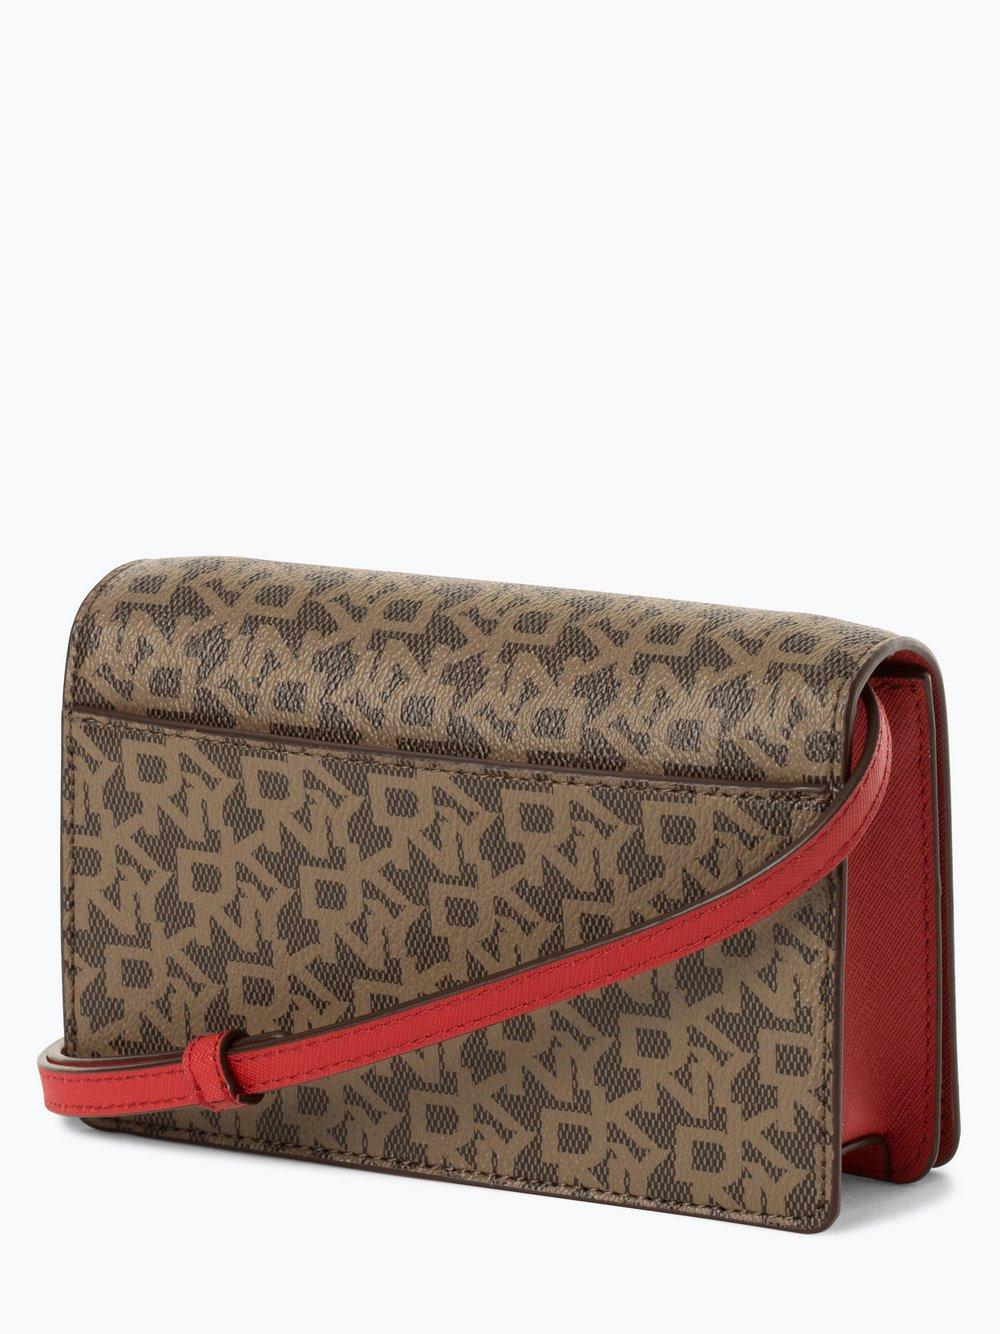 DKNY Damen Umhängetasche mit Leder Anteil online kaufen